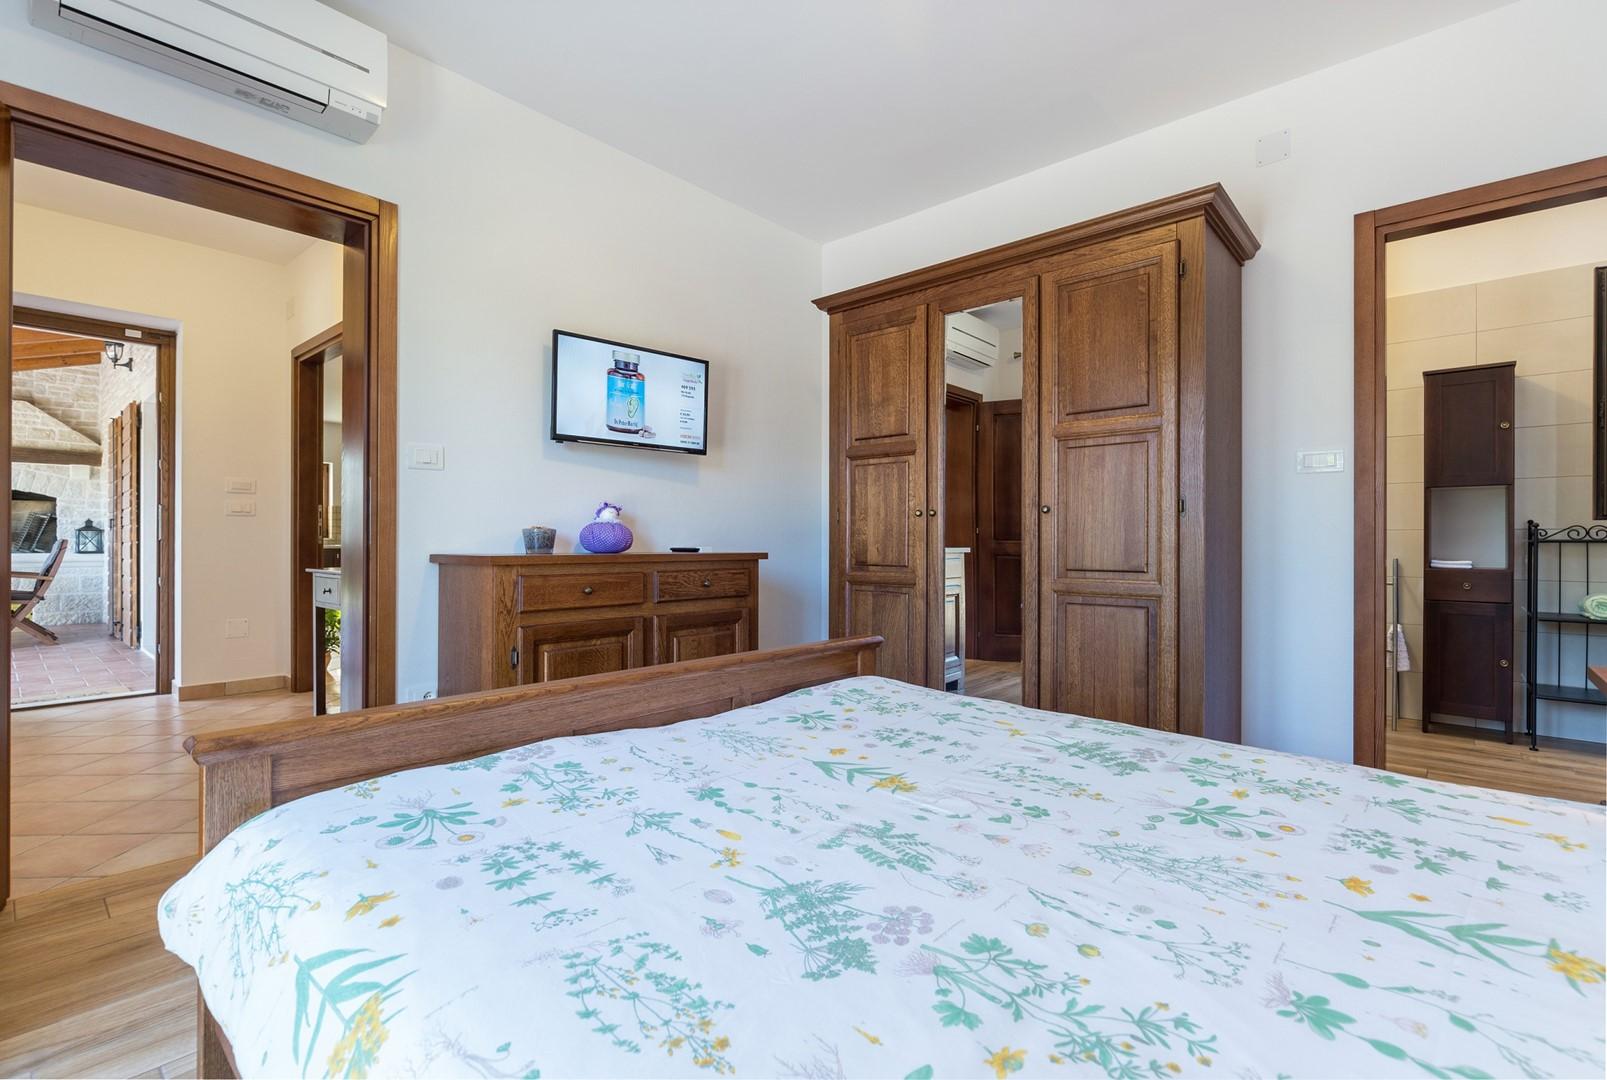 Ferienhaus Villa Elida mit Pool in abgelegene Lage - Zentral-Istrien (2789996), Pazin, , Istrien, Kroatien, Bild 21